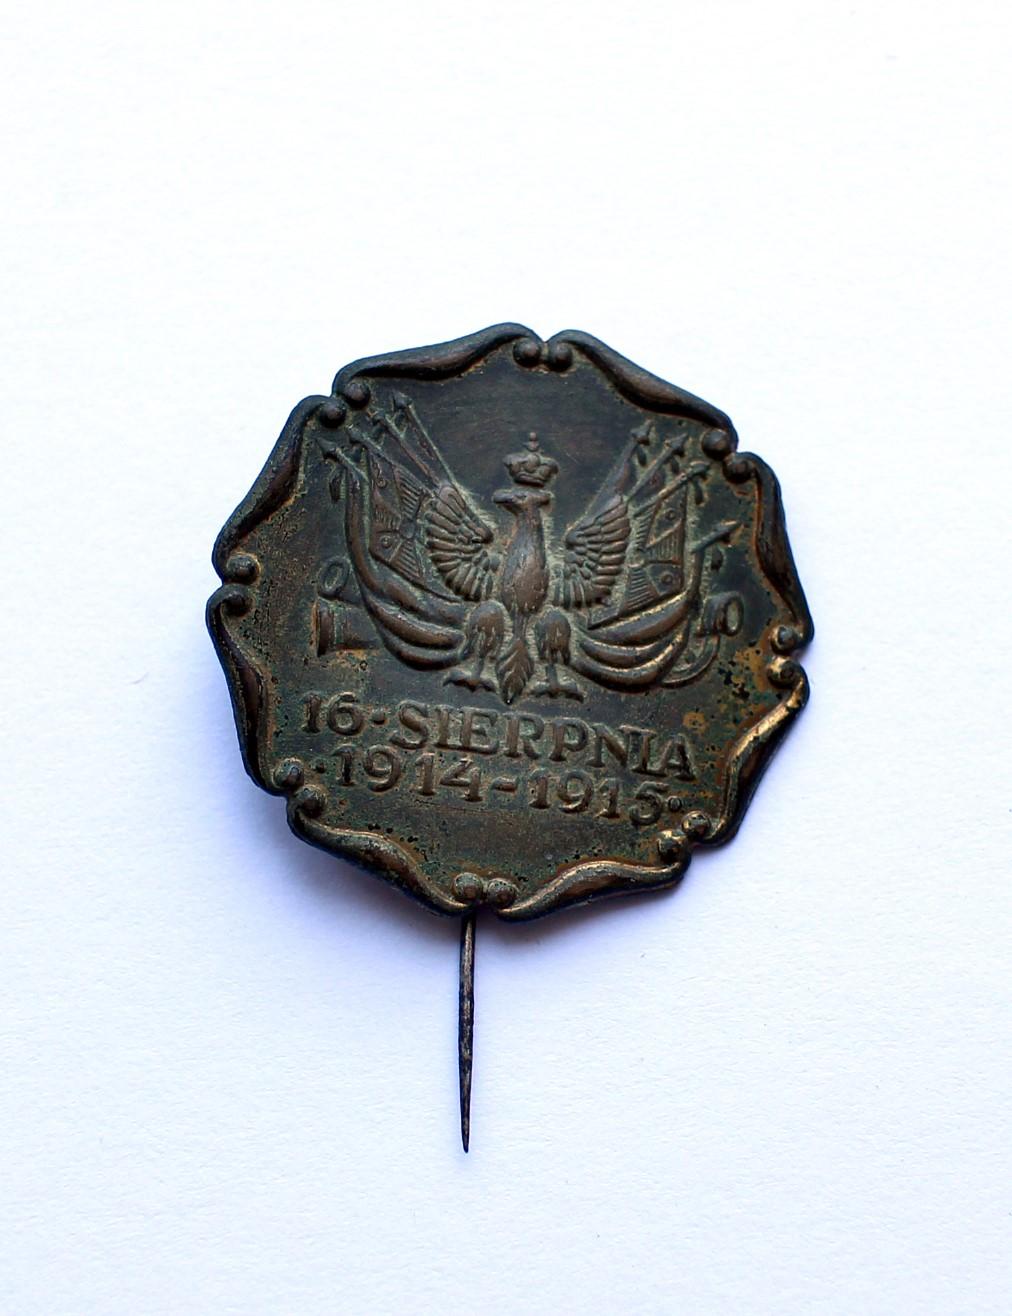 23.-znaczek-pamiątkowy-na-szpilce-wydany-z-okazji-pierwszej-rocznicy-powołania-Naczelnego-Komitetu-Narodowego